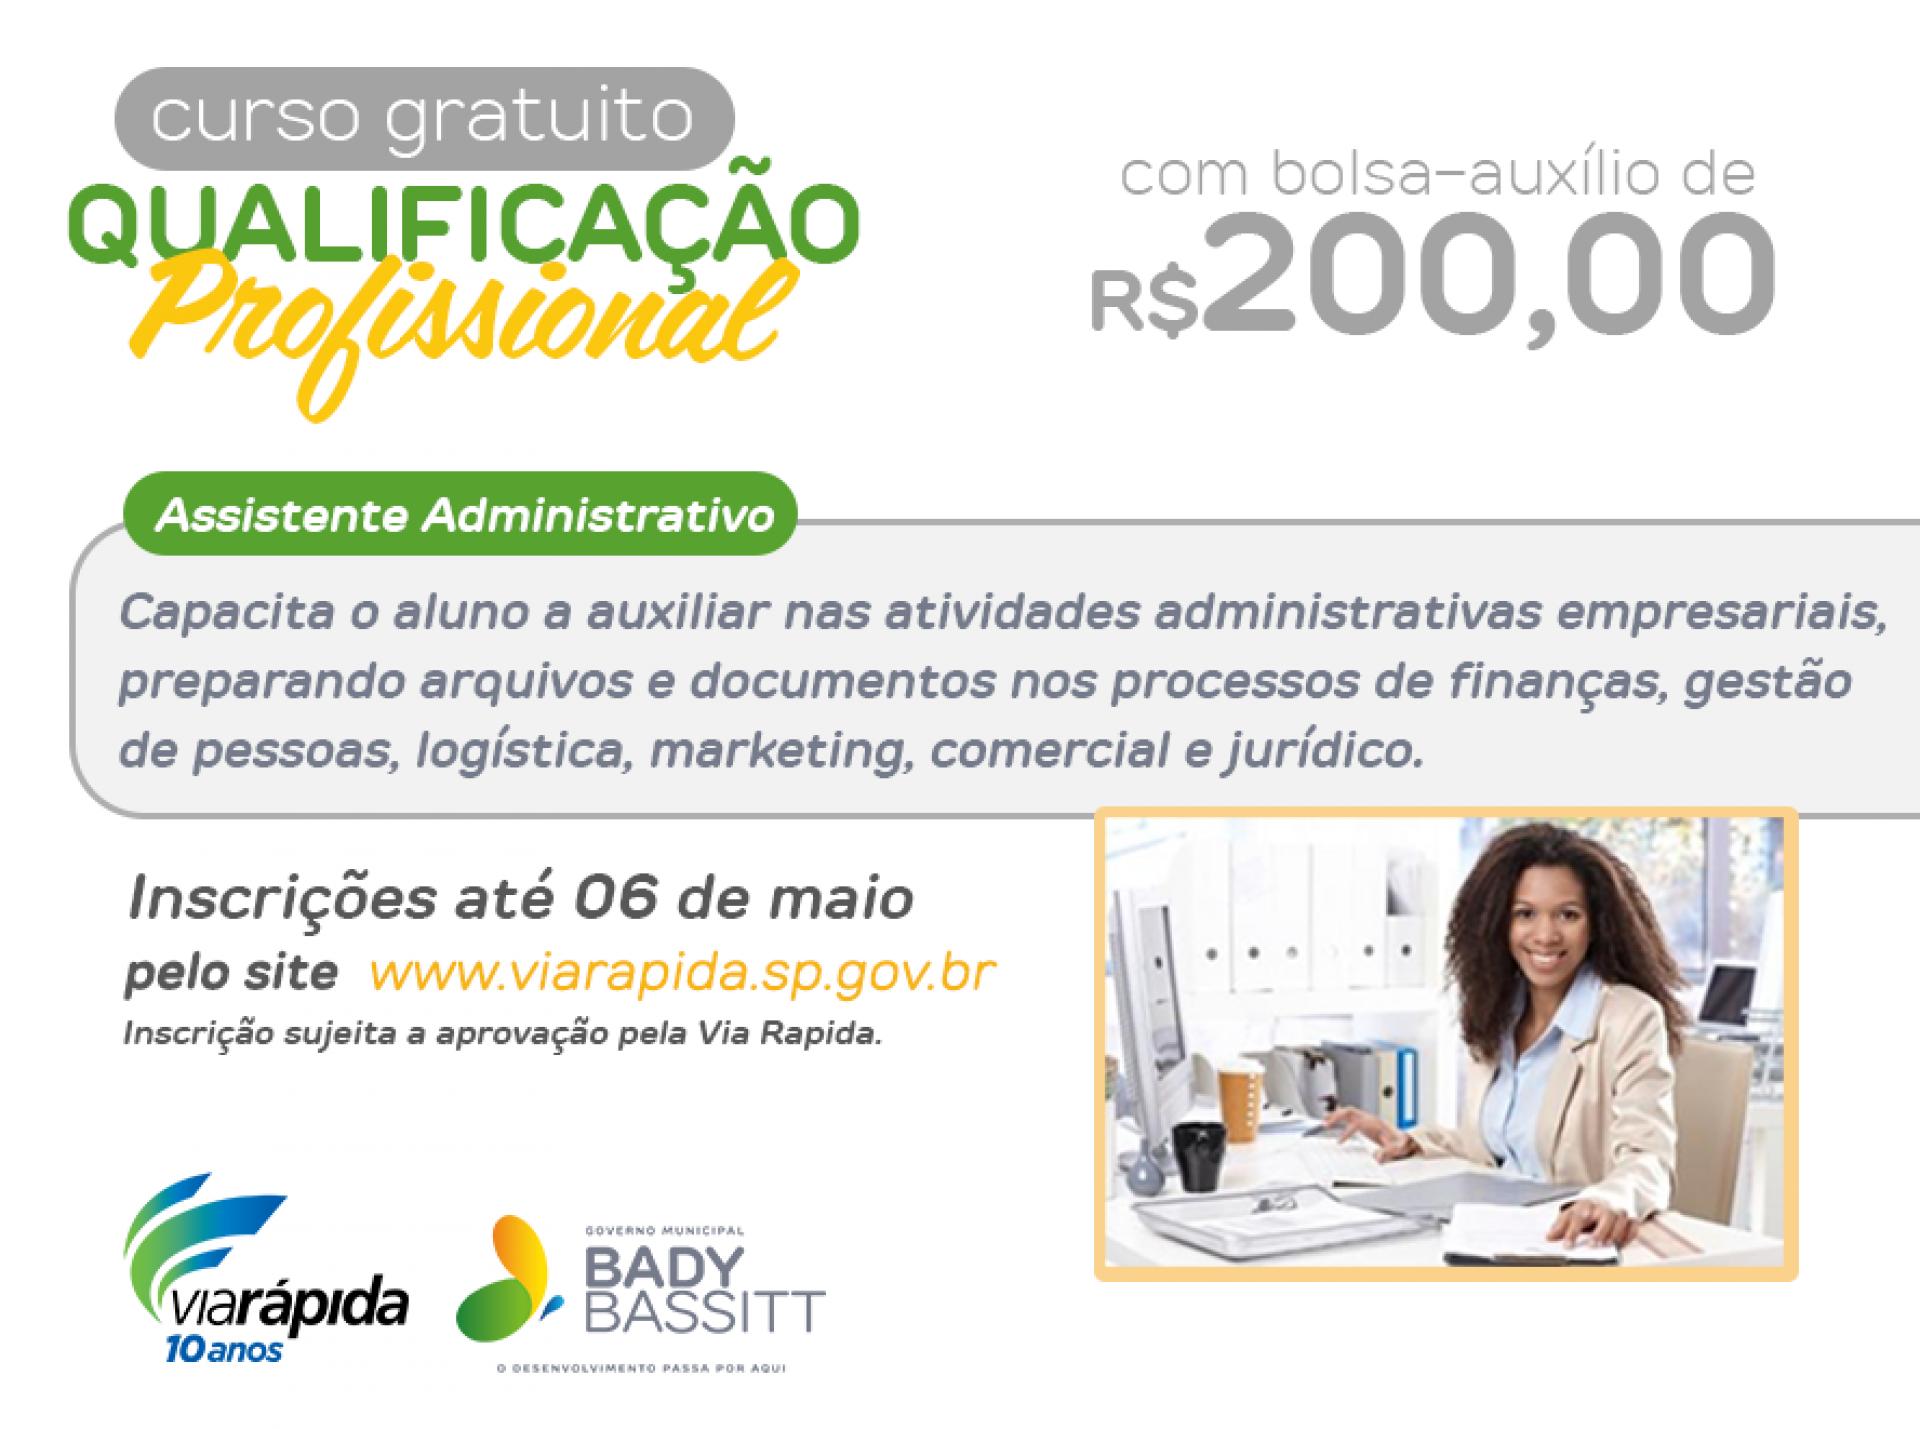 Bady Bassitt tem vagas de curso de qualificação profissional com bolsa auxilio de R$200,00